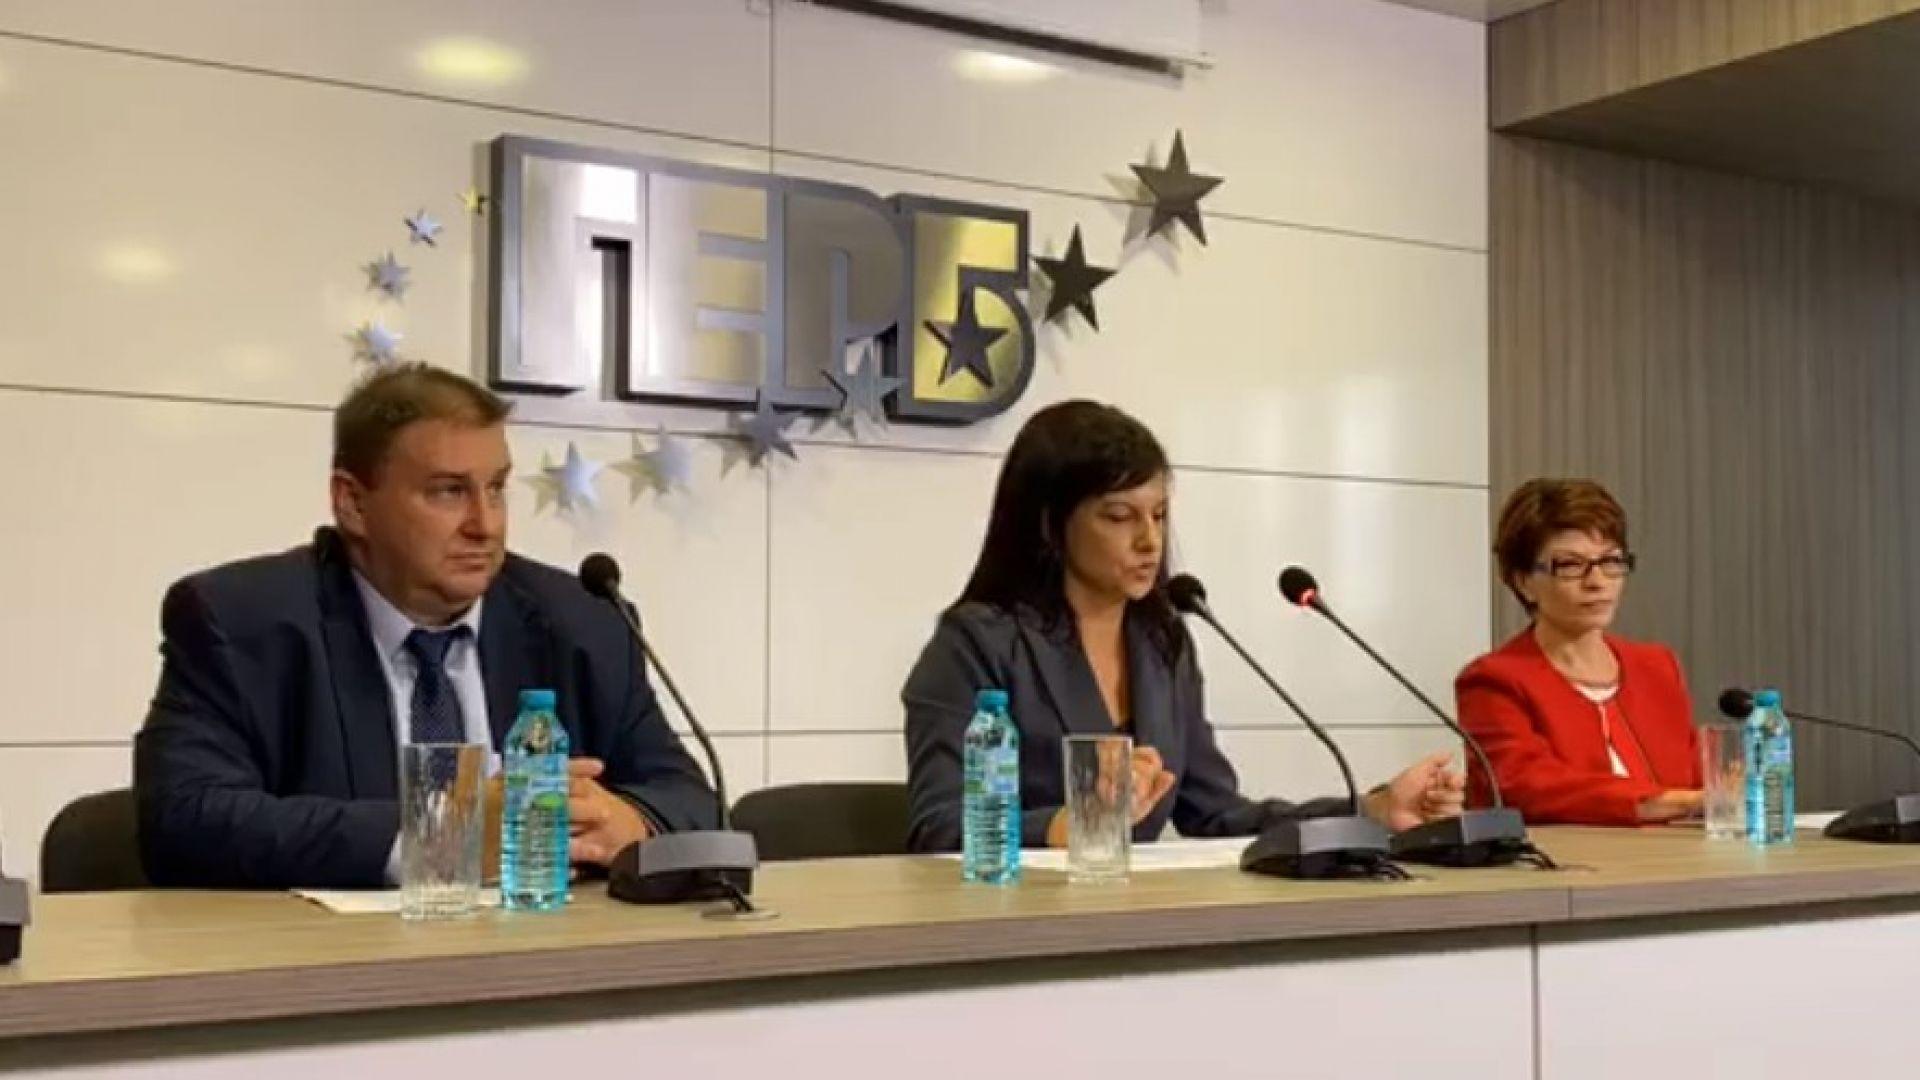 ГЕРБ  оцени доклада на ЕК за върховенството на закона като обективен и положителен